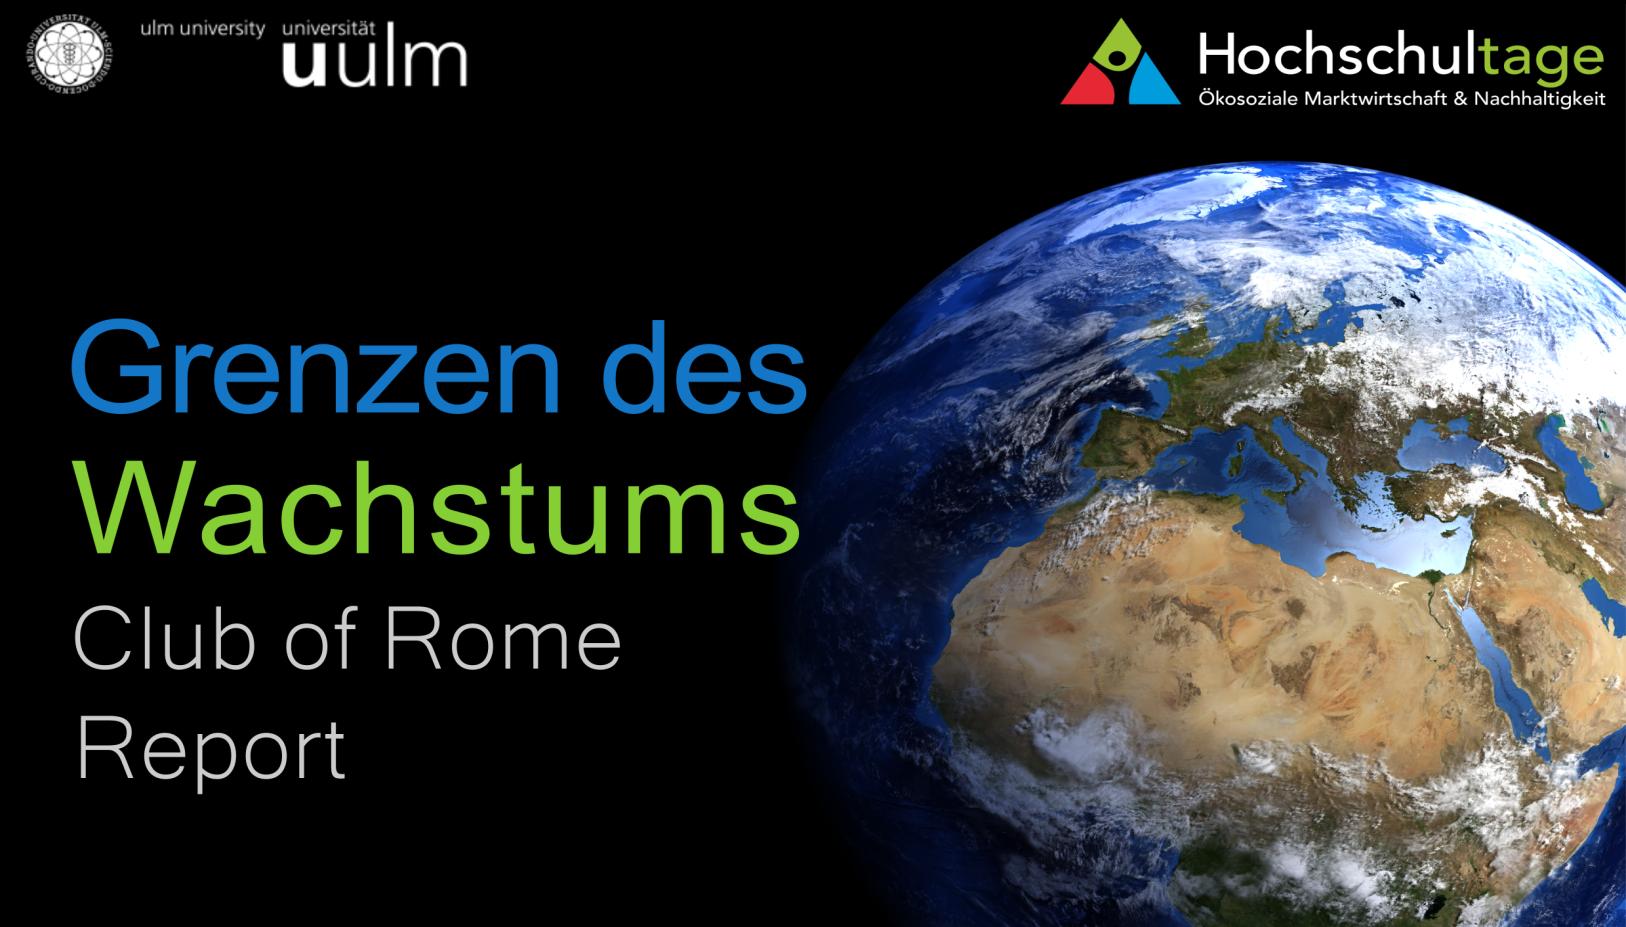 Dennis Meadows in Ulm und die Verleihung des Deutschen Kulturpreises in München